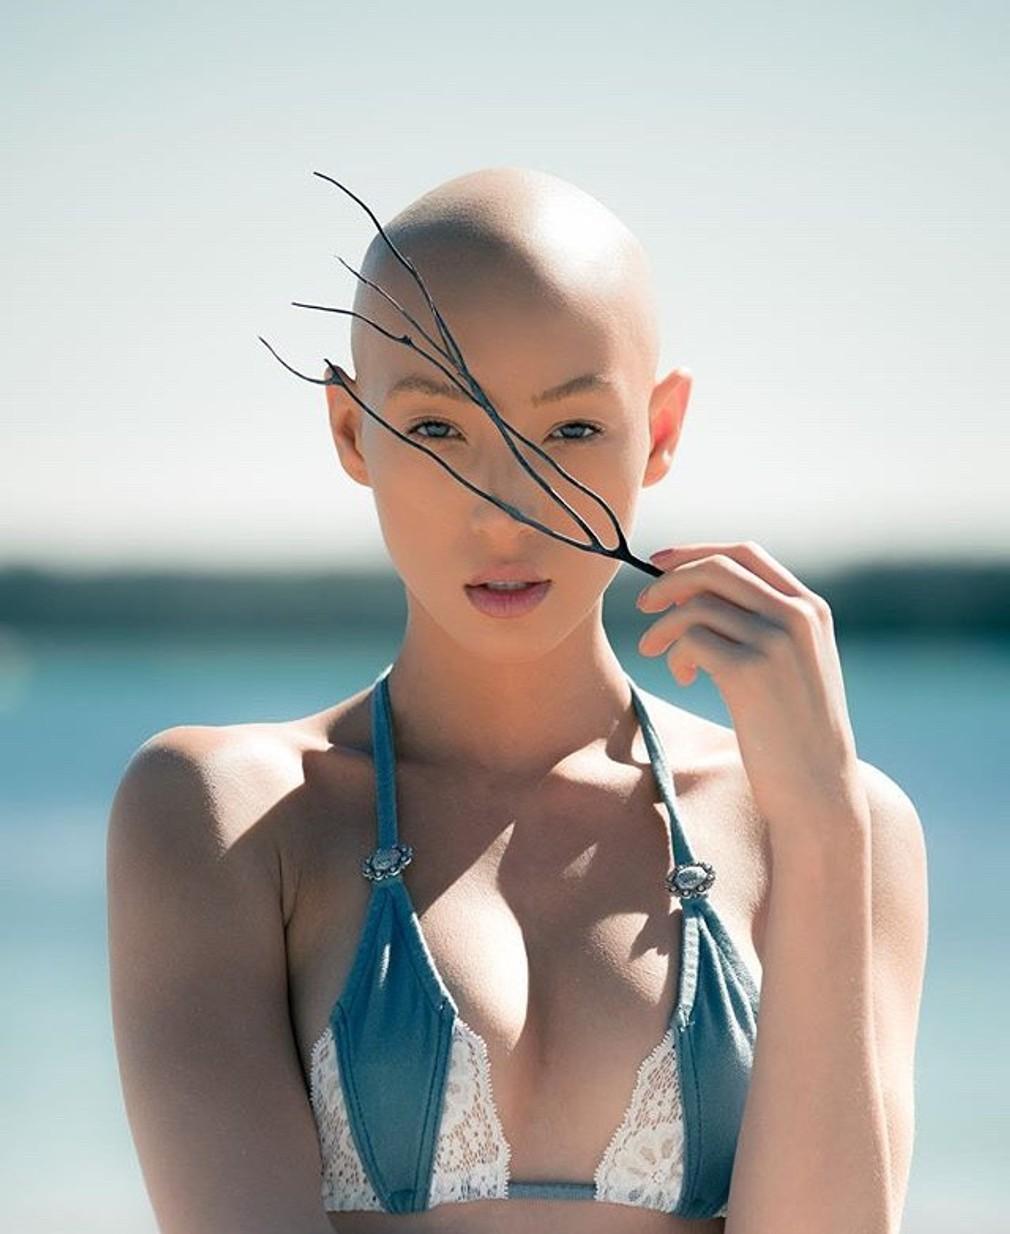 """<p><span id=""""result_box"""" class="""""""" lang=""""sk""""><span>Jeana trpí alopéciou, čo znamená, že jej nerastú vlasy. V minulosti nosila parochňu z obavy, že niekto uvidí jej holú hlavu. Účasť v slávnej šou</span> """"<span class="""""""">Next's Top Model"""" jej však dodala odv"""